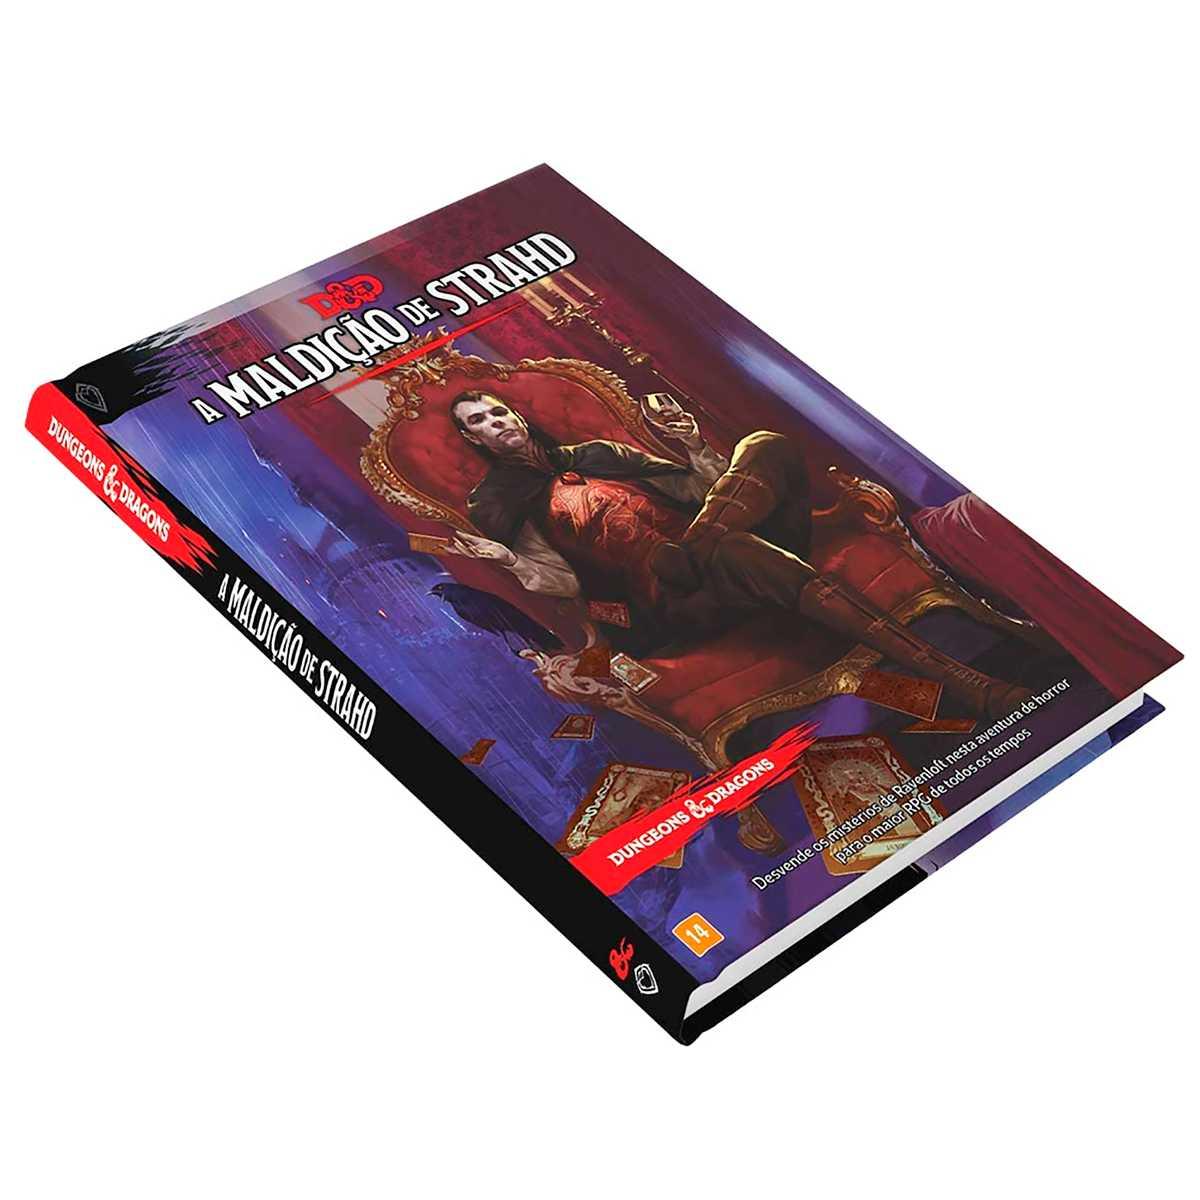 Livro Dungeons Dragons Curse of Strahd - A Maldição de Strahd